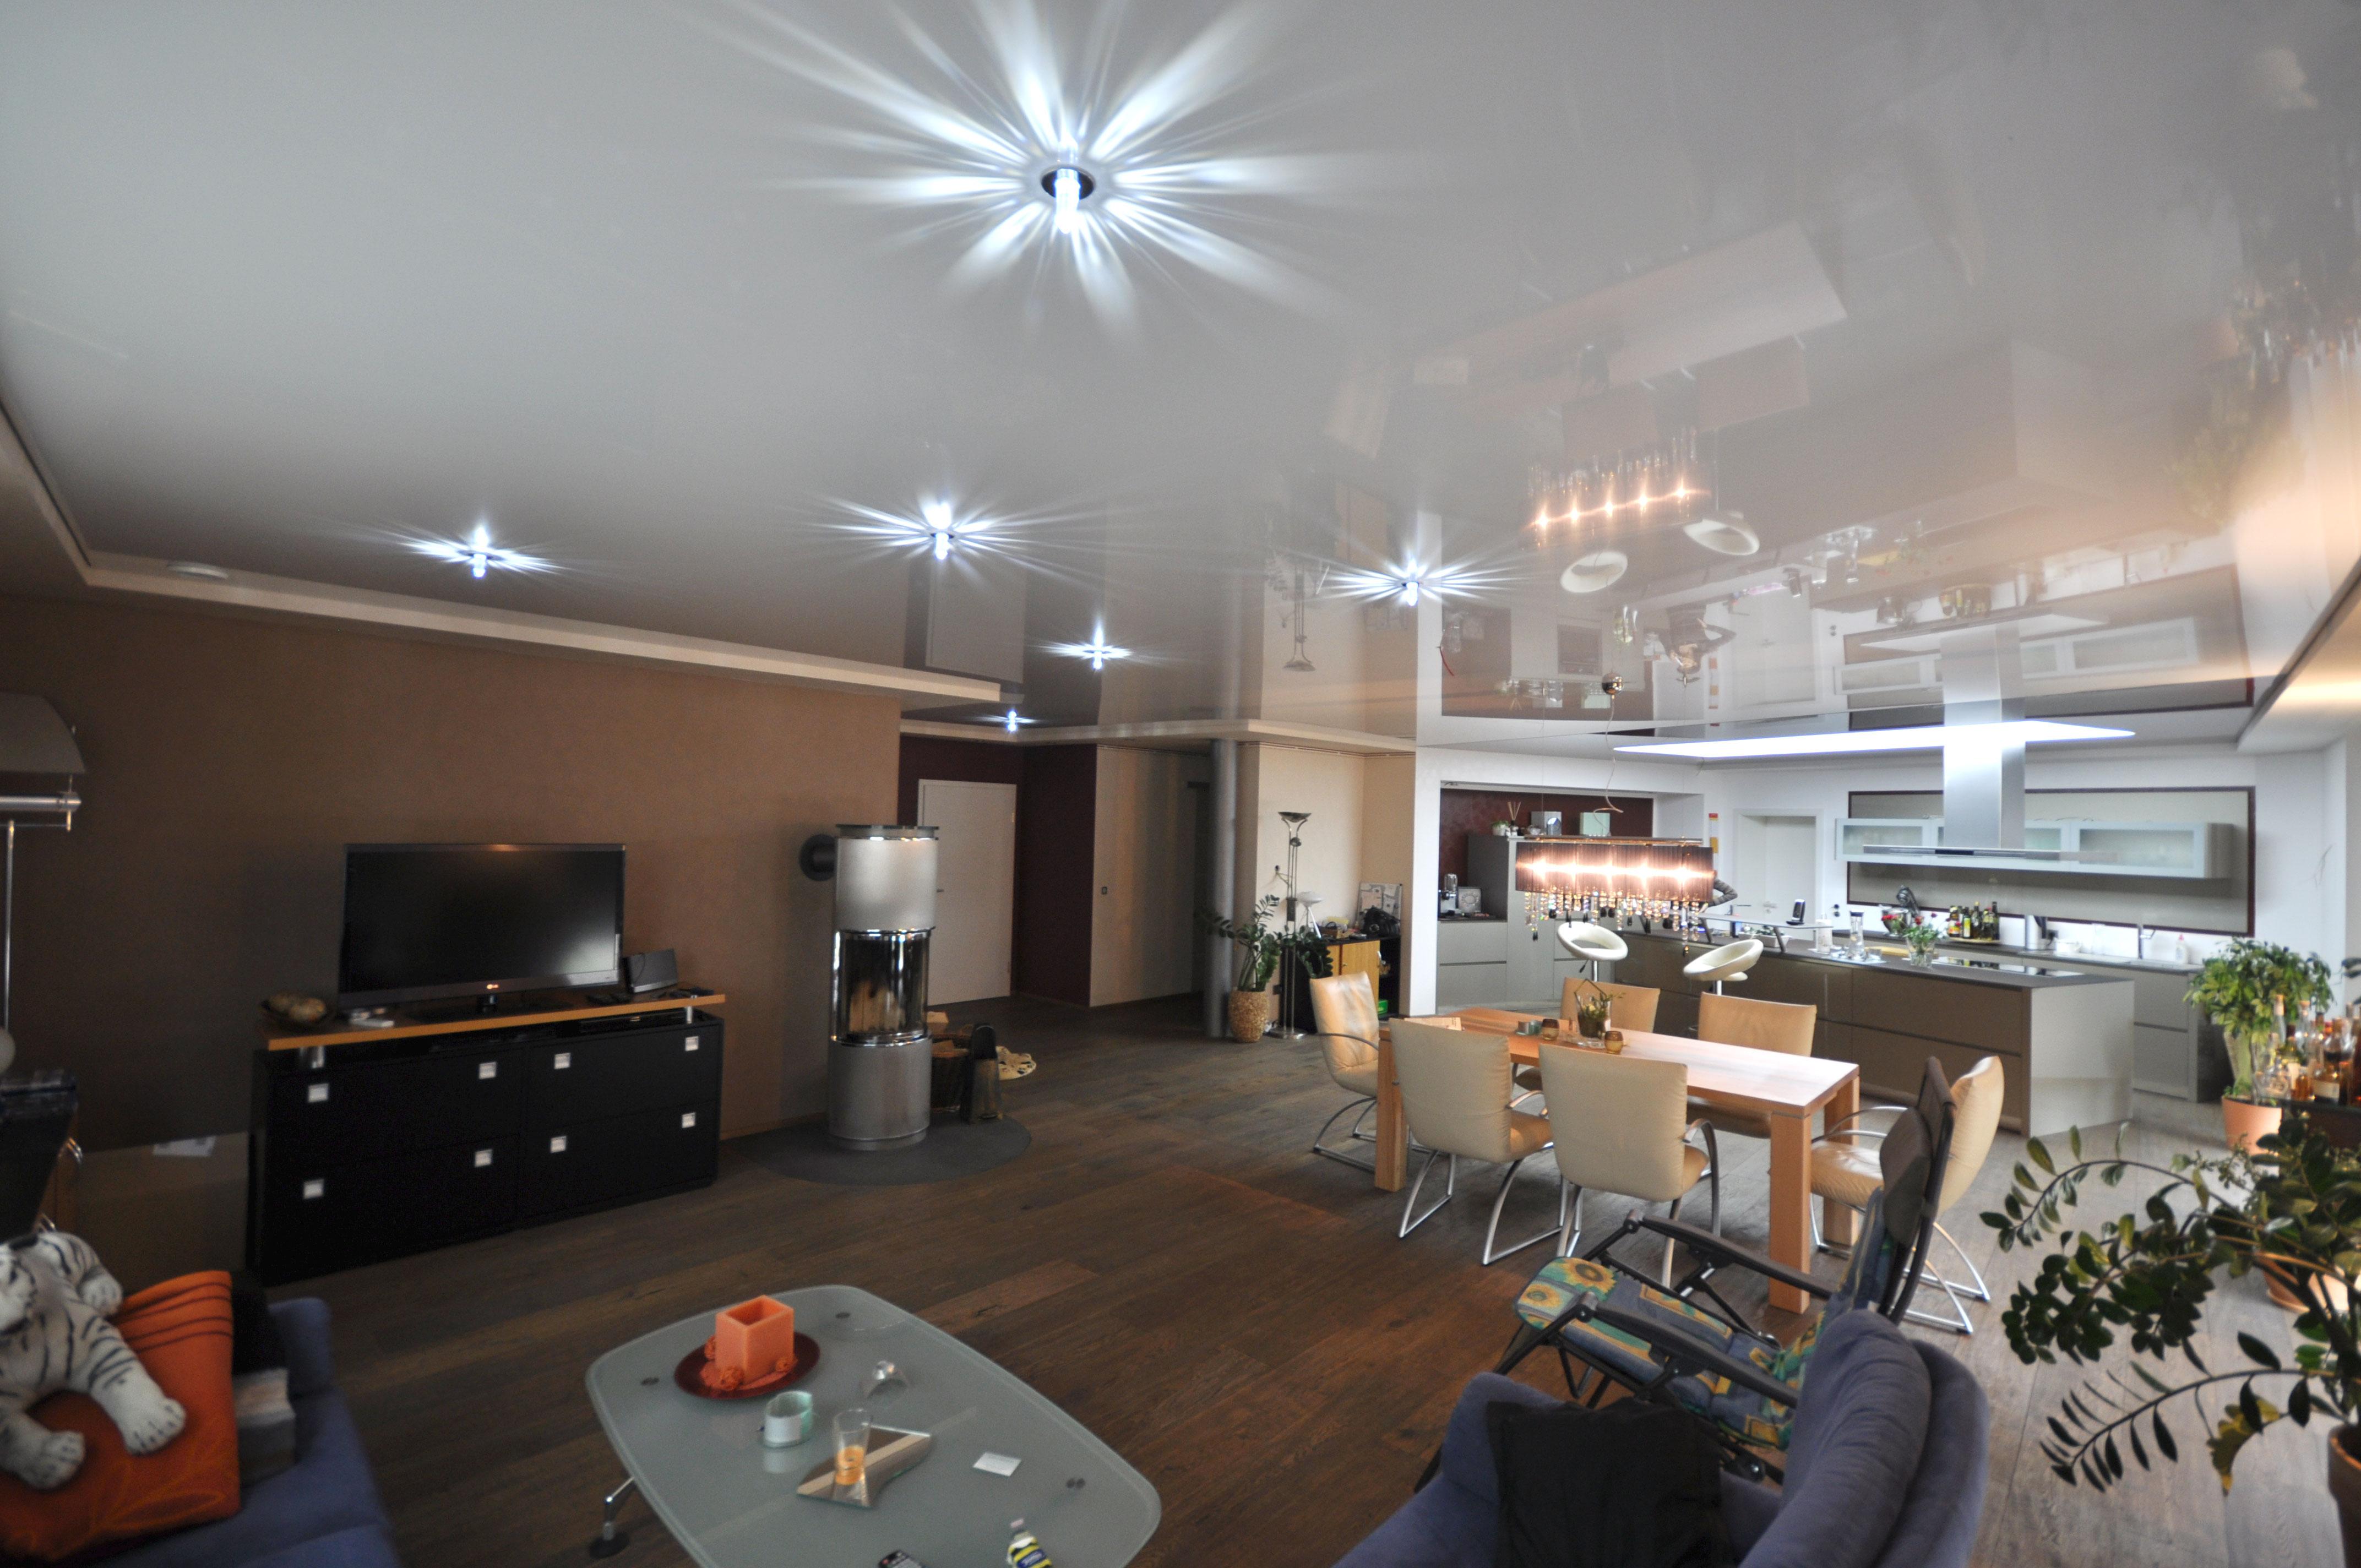 Spanndecken im Wohnzimmer  Spanndecken Duesseldorf Dortmund